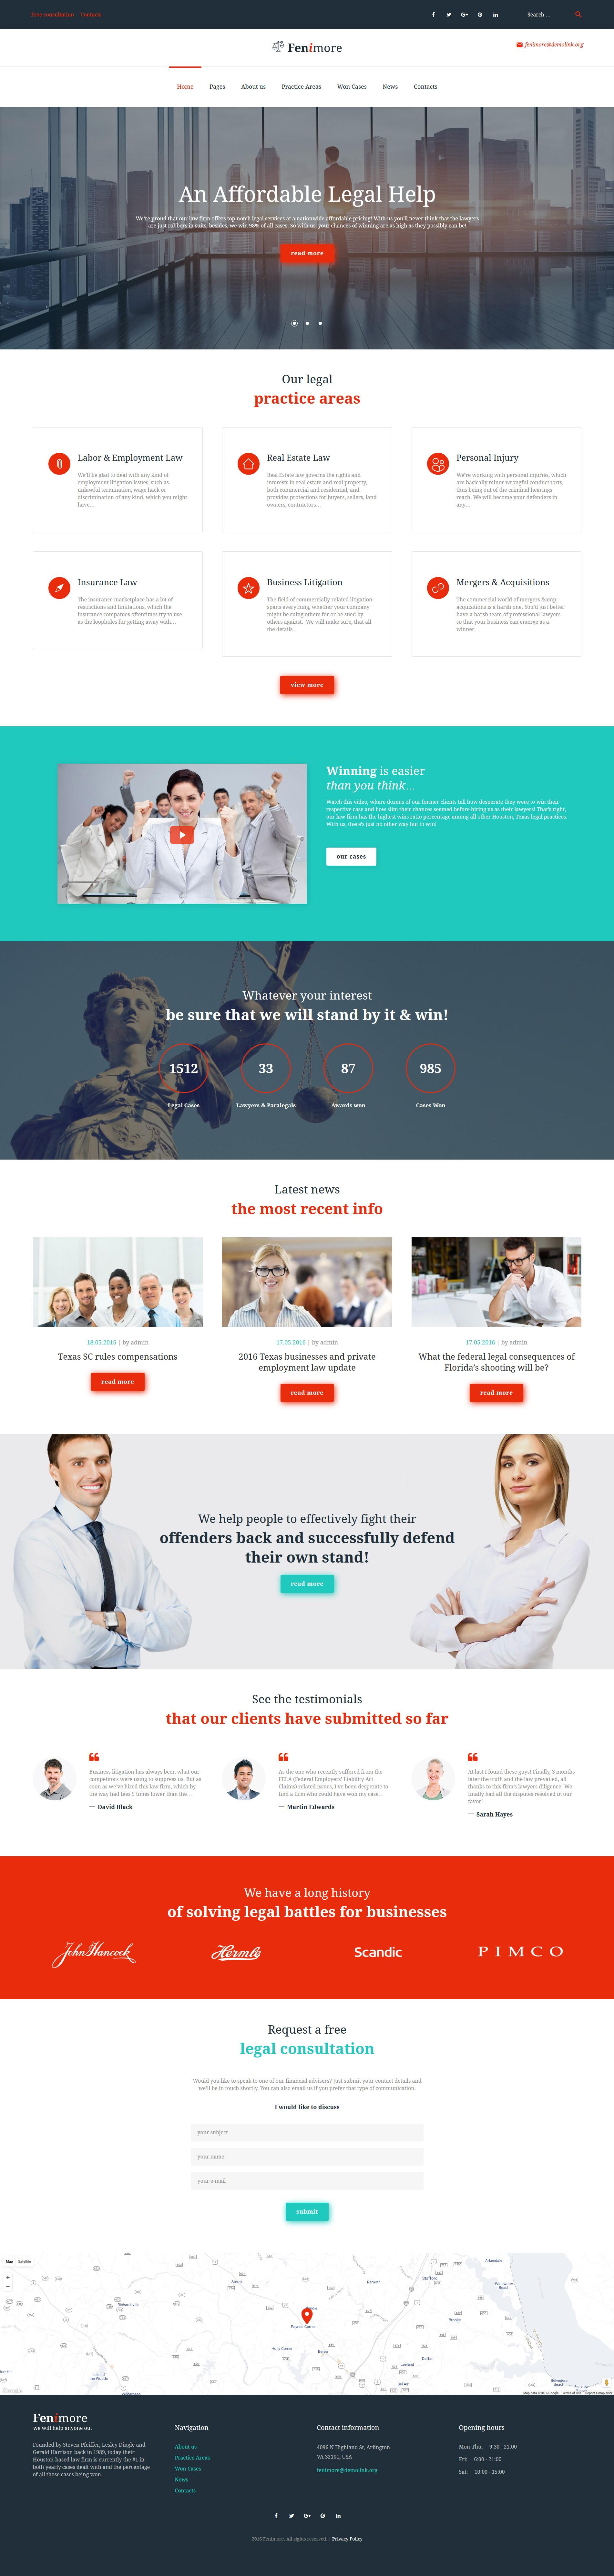 Responsywny motyw WordPress Fenimore - firma prawnicza #58958 - zrzut ekranu